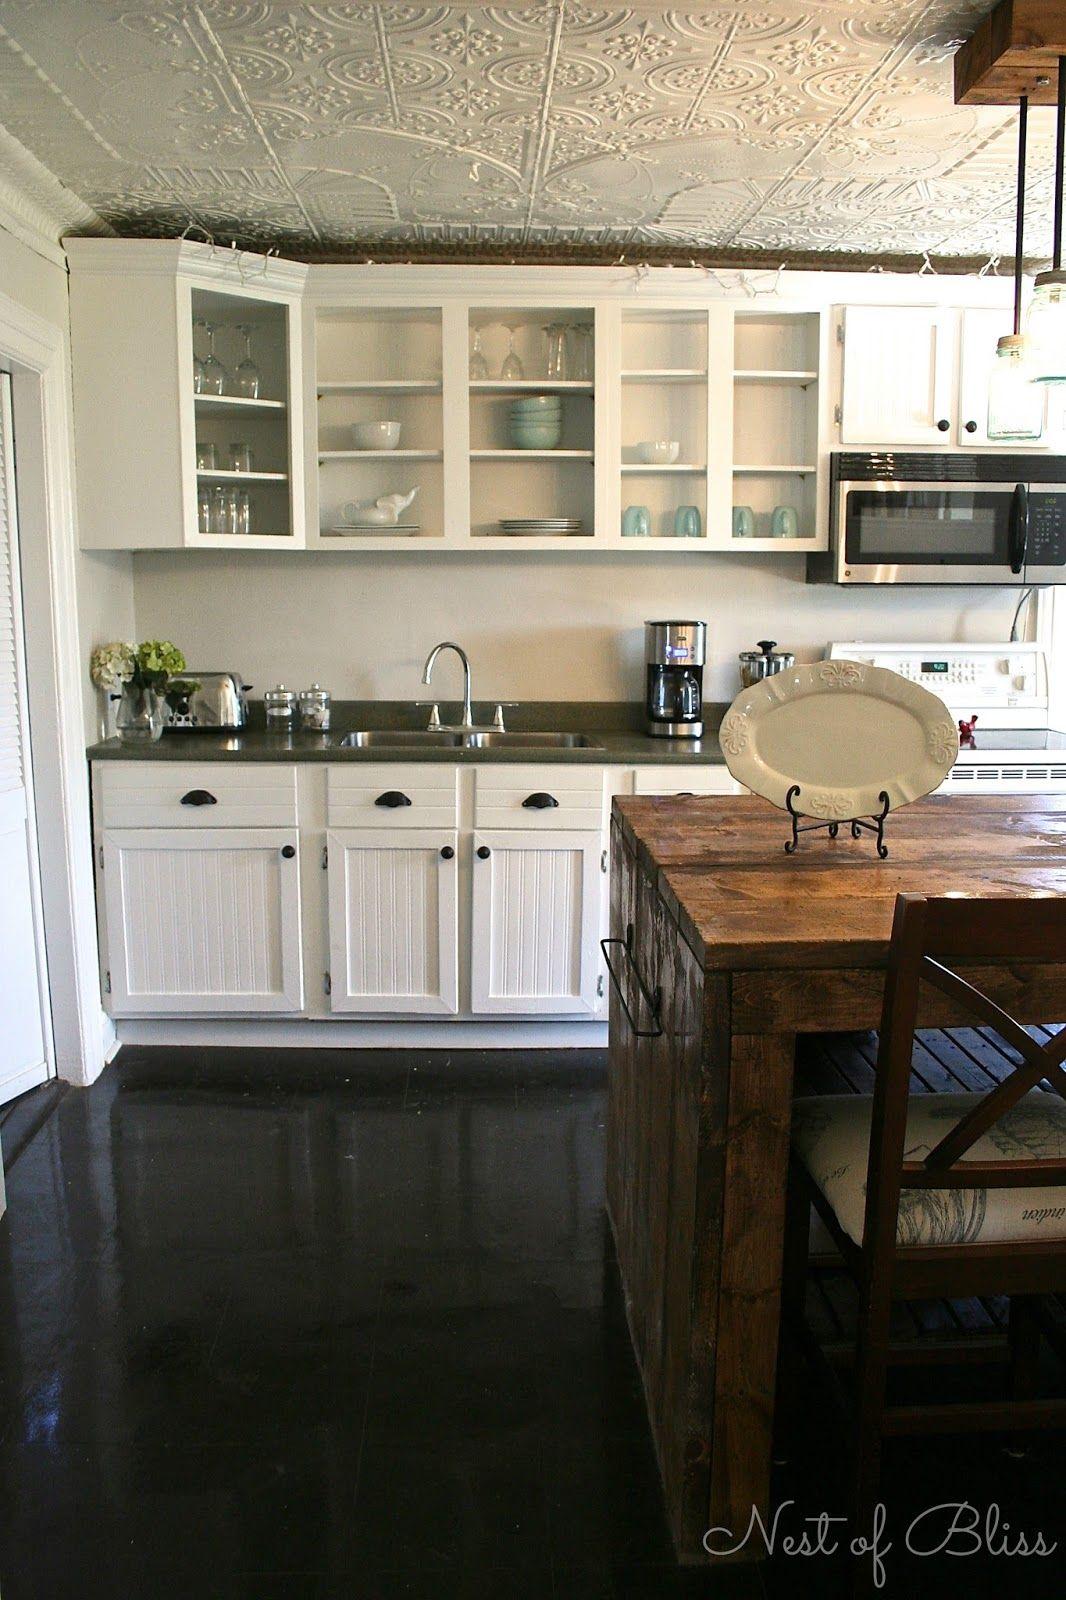 Encantador Rehacer Mi Cocina En Un Presupuesto Ideas - Ideas de ...